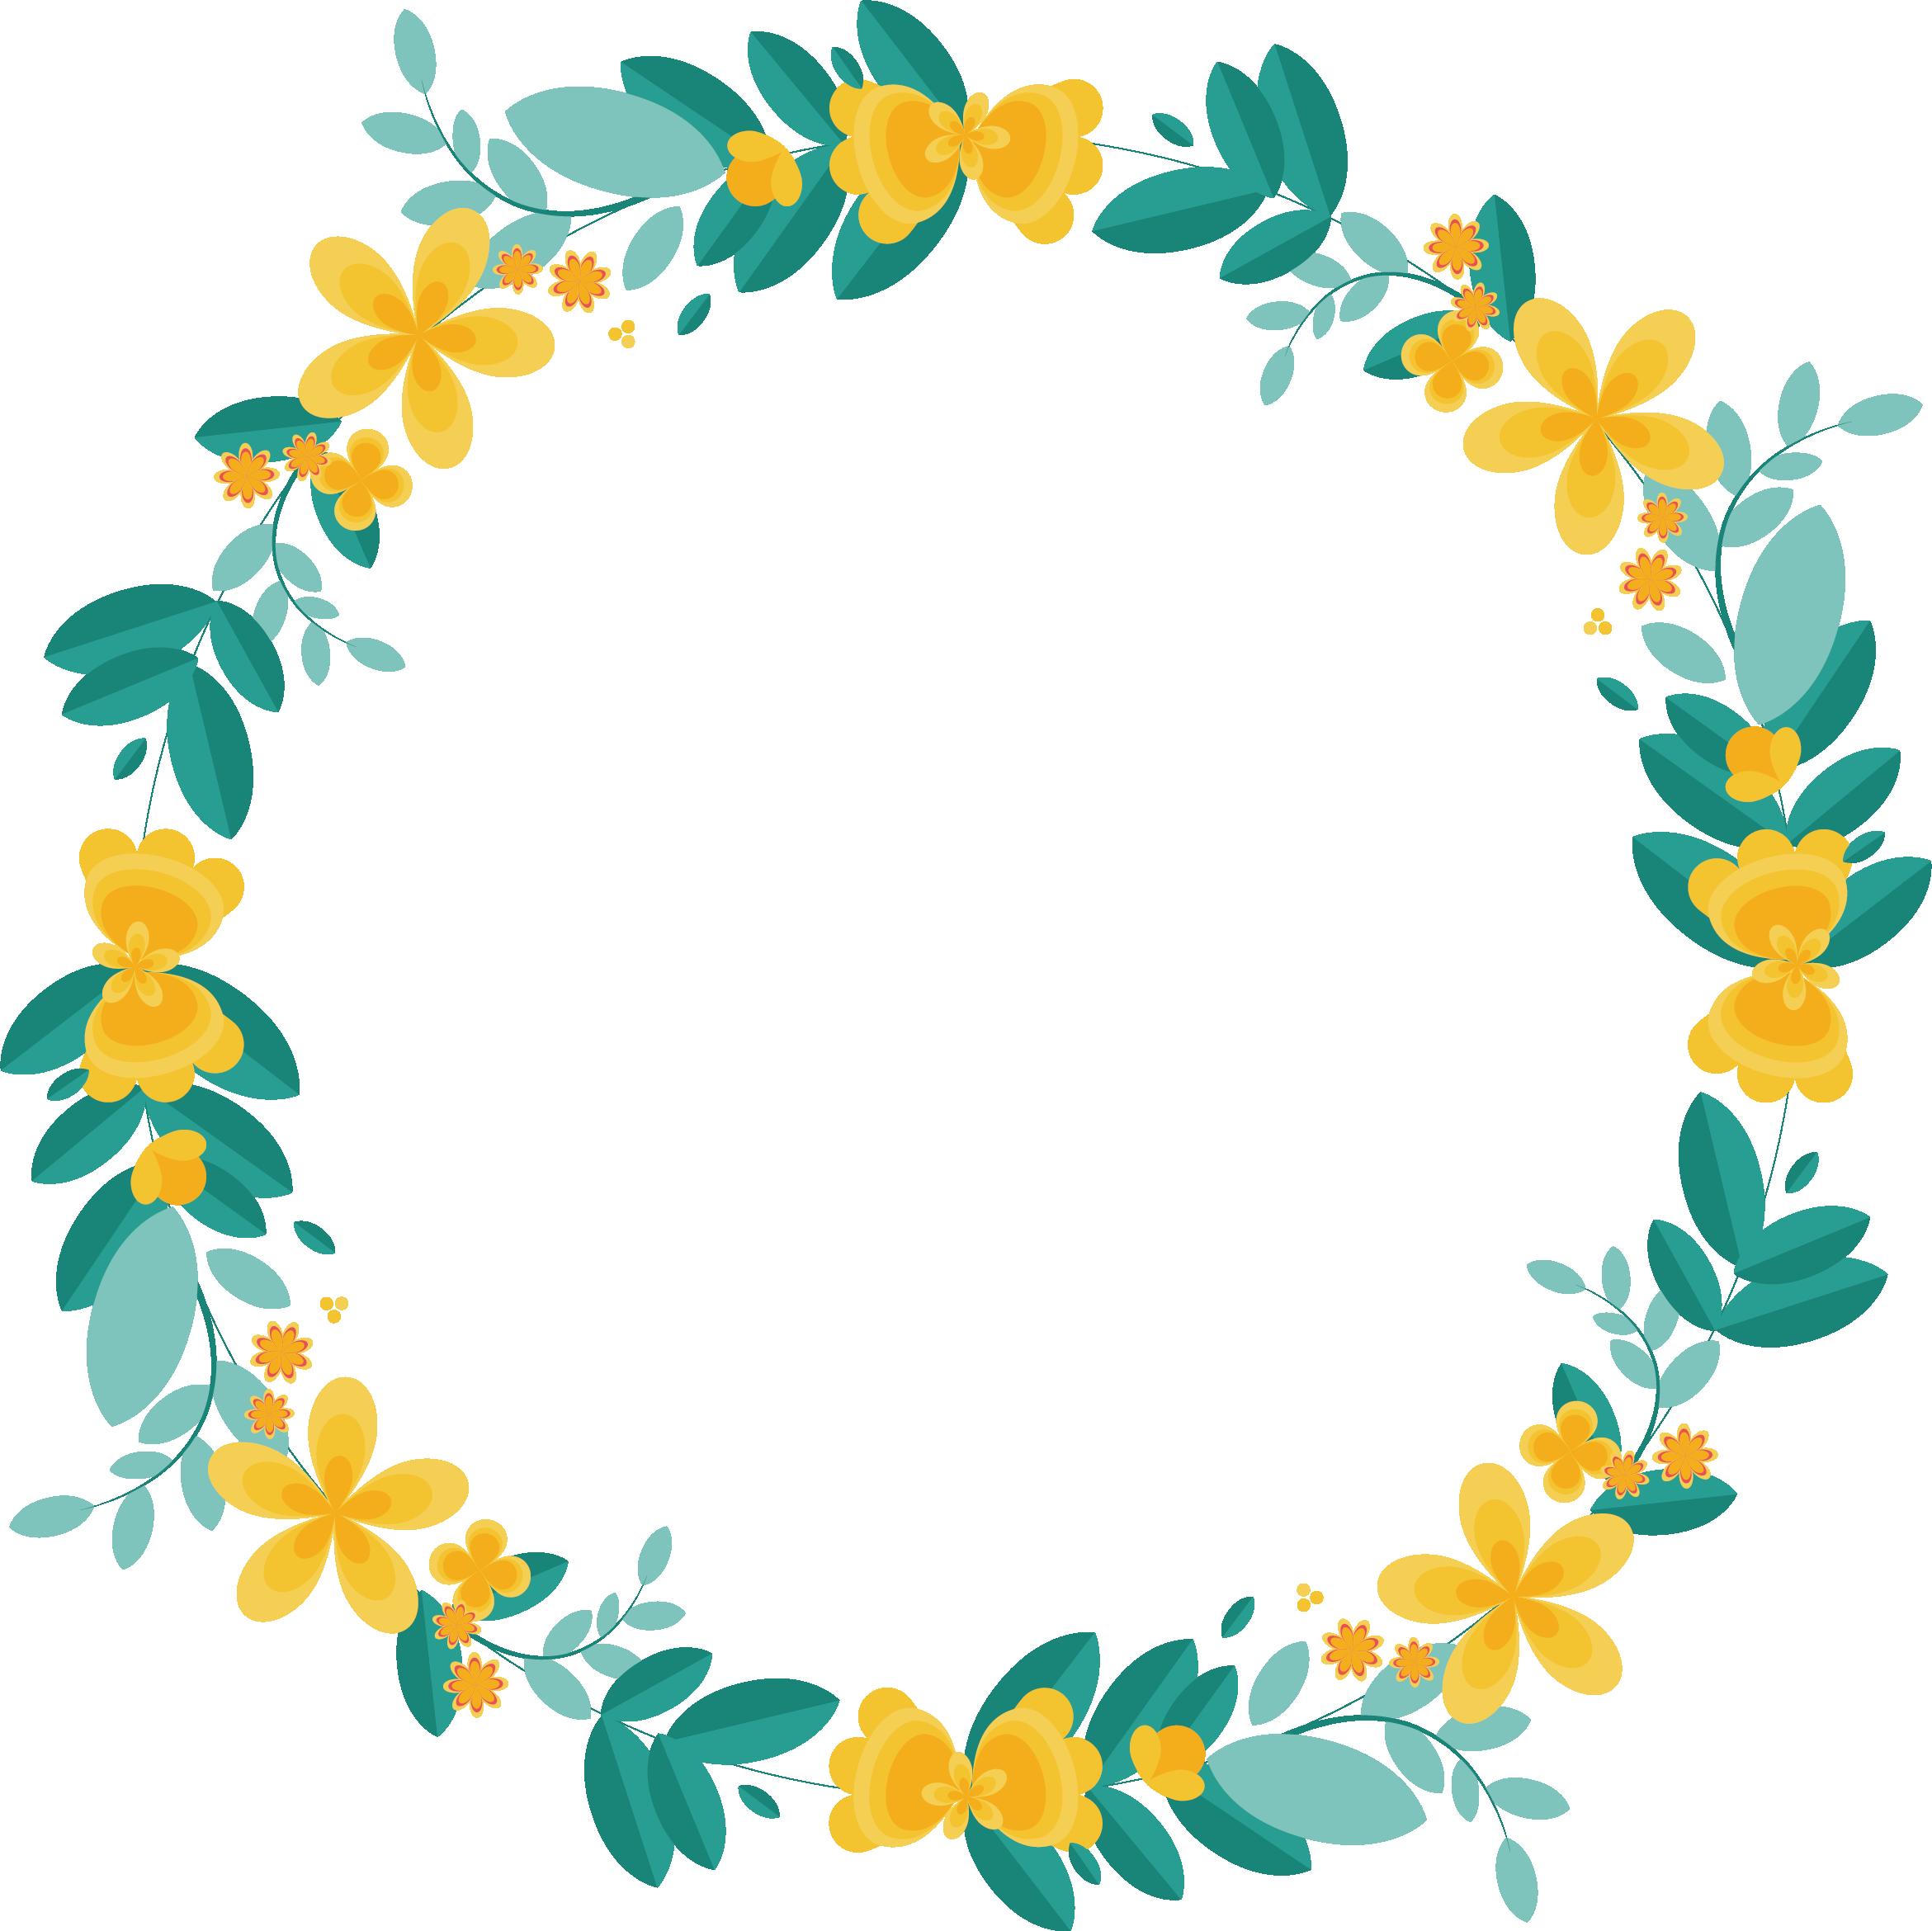 Garland clipart lemon. Border flowers wreath leaves